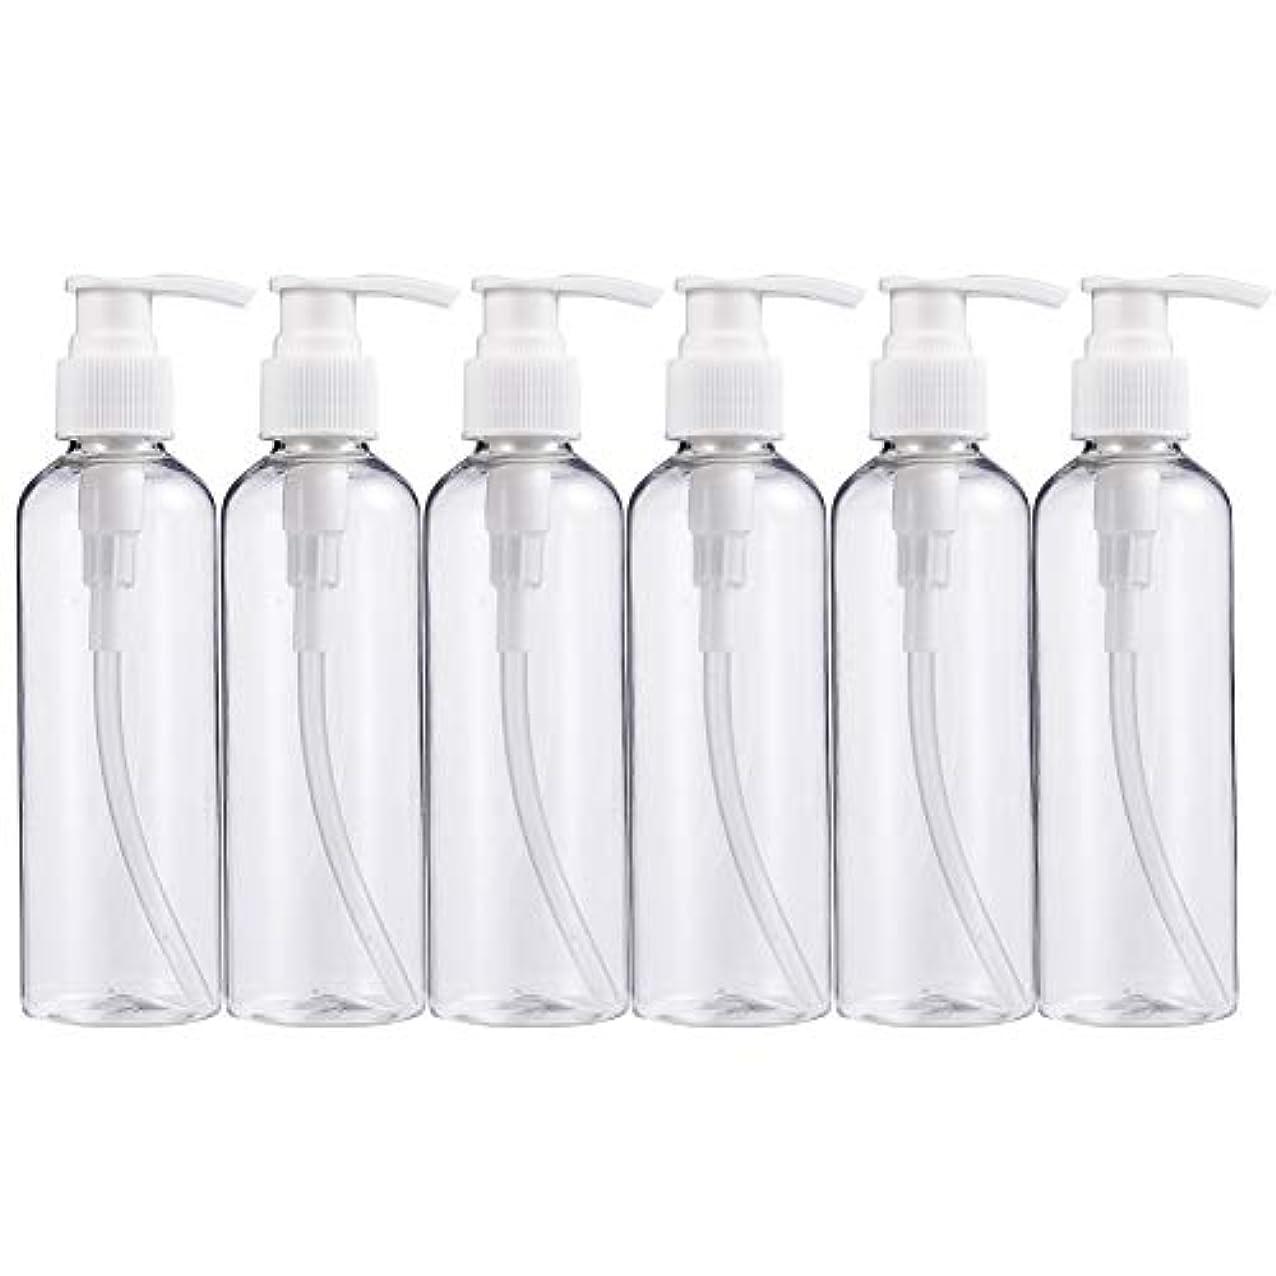 彼女議論する成人期BENECREAT 200mlプラスティックスボトル 6個セット小分けボトル プラスチック容器 液体用空ボトル 押し式詰替用ボトル 詰め替え シャンプー クリーム 化粧品 収納瓶